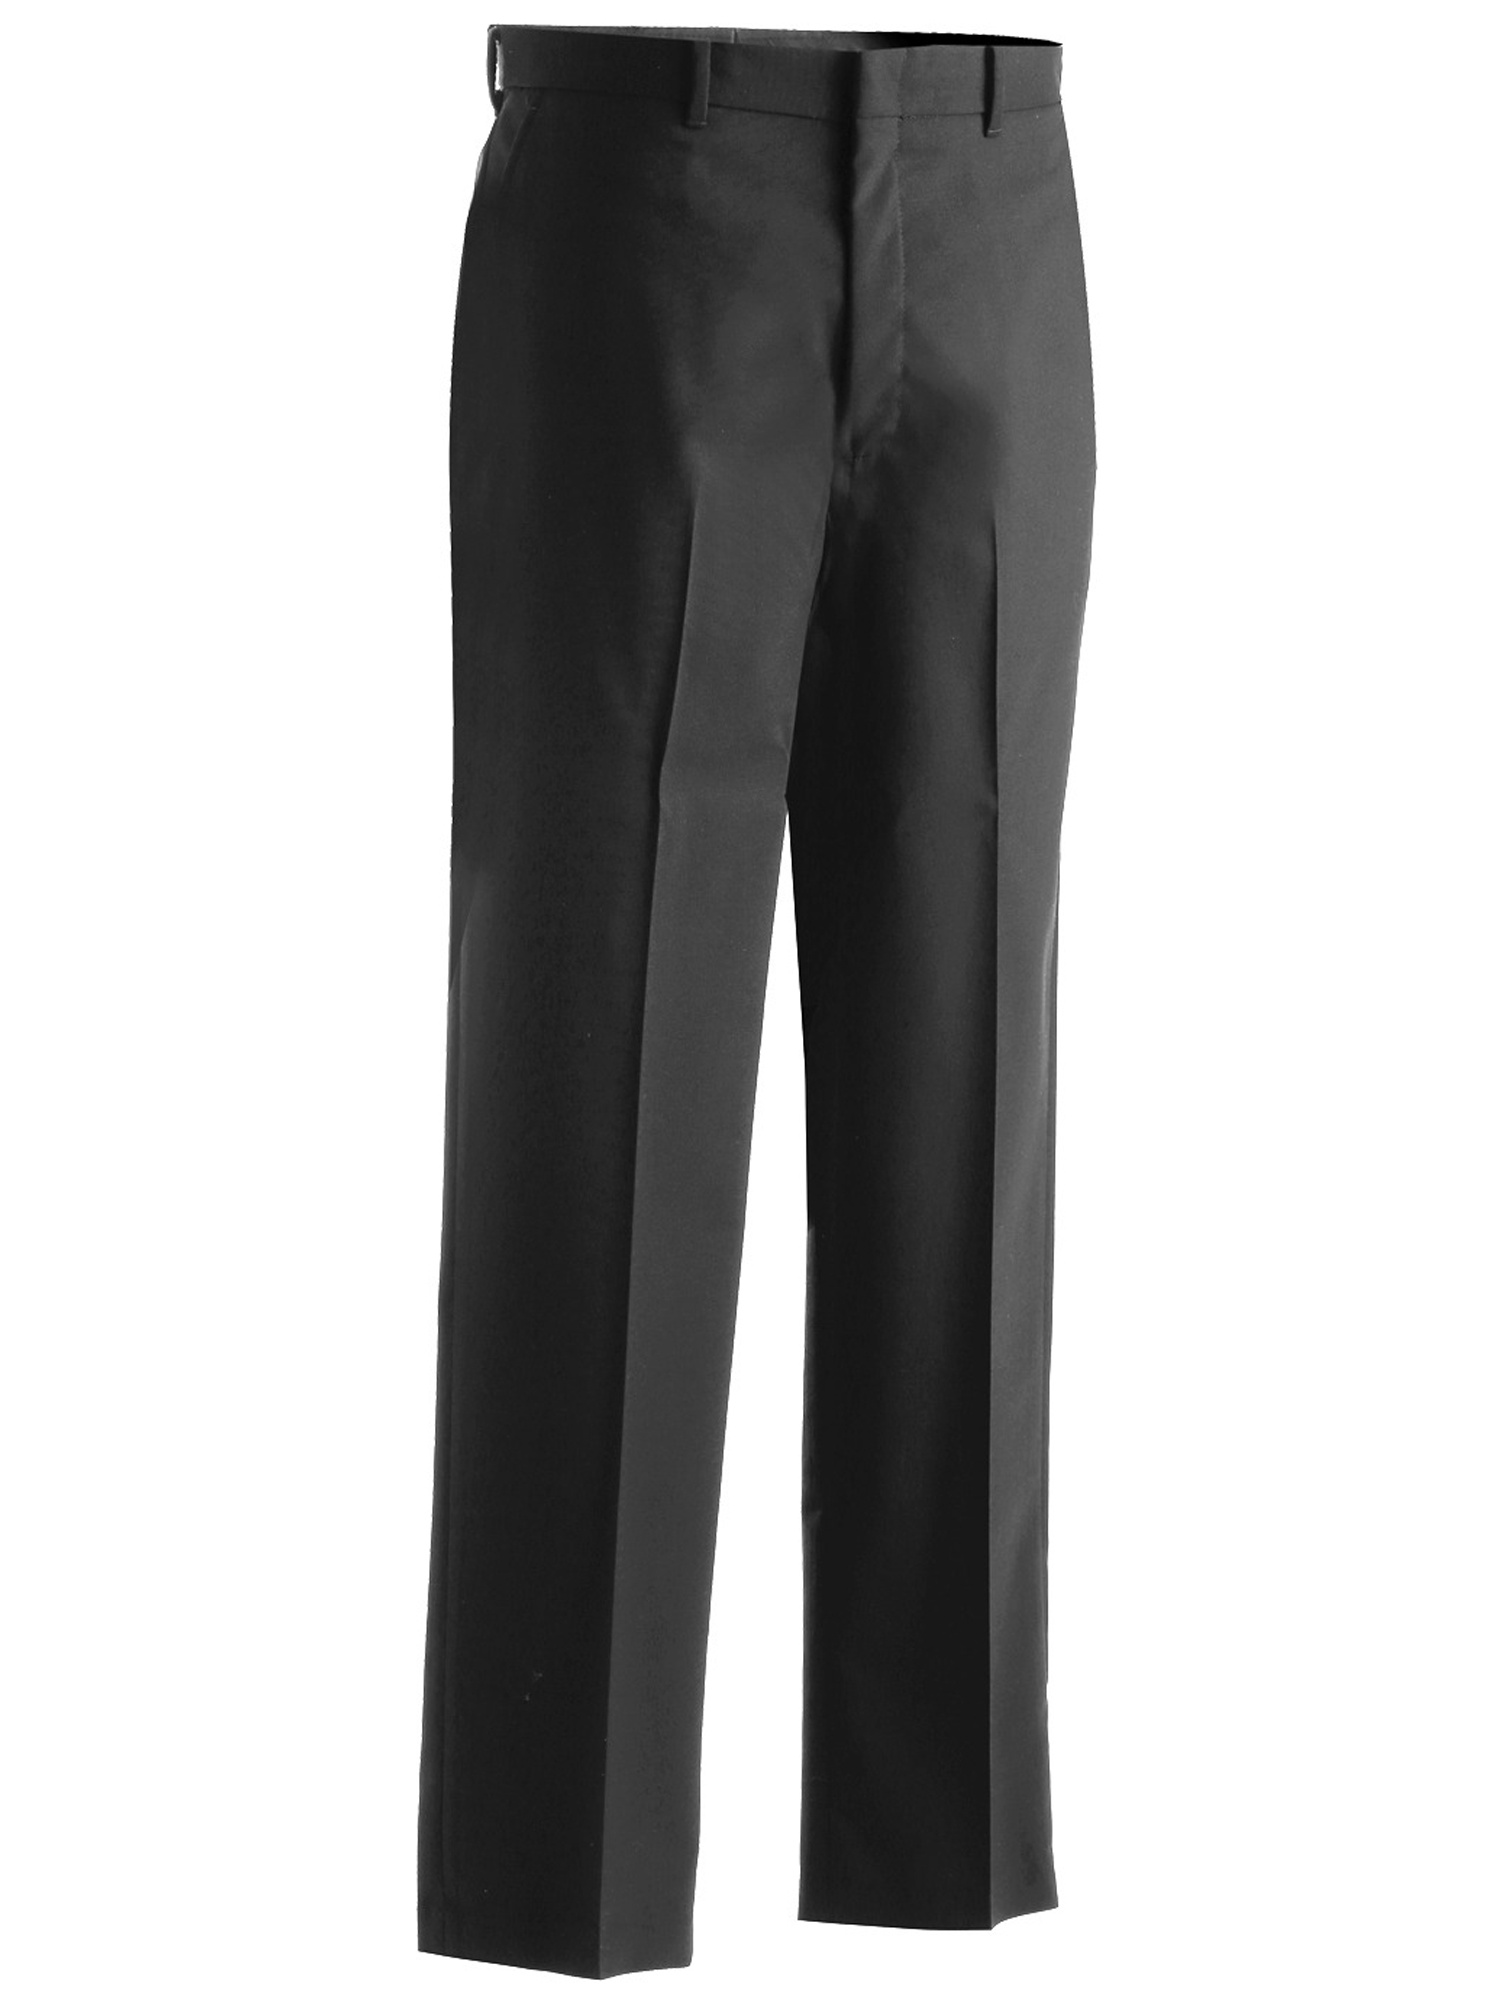 Edwards Garment Men's Flat Front Pant